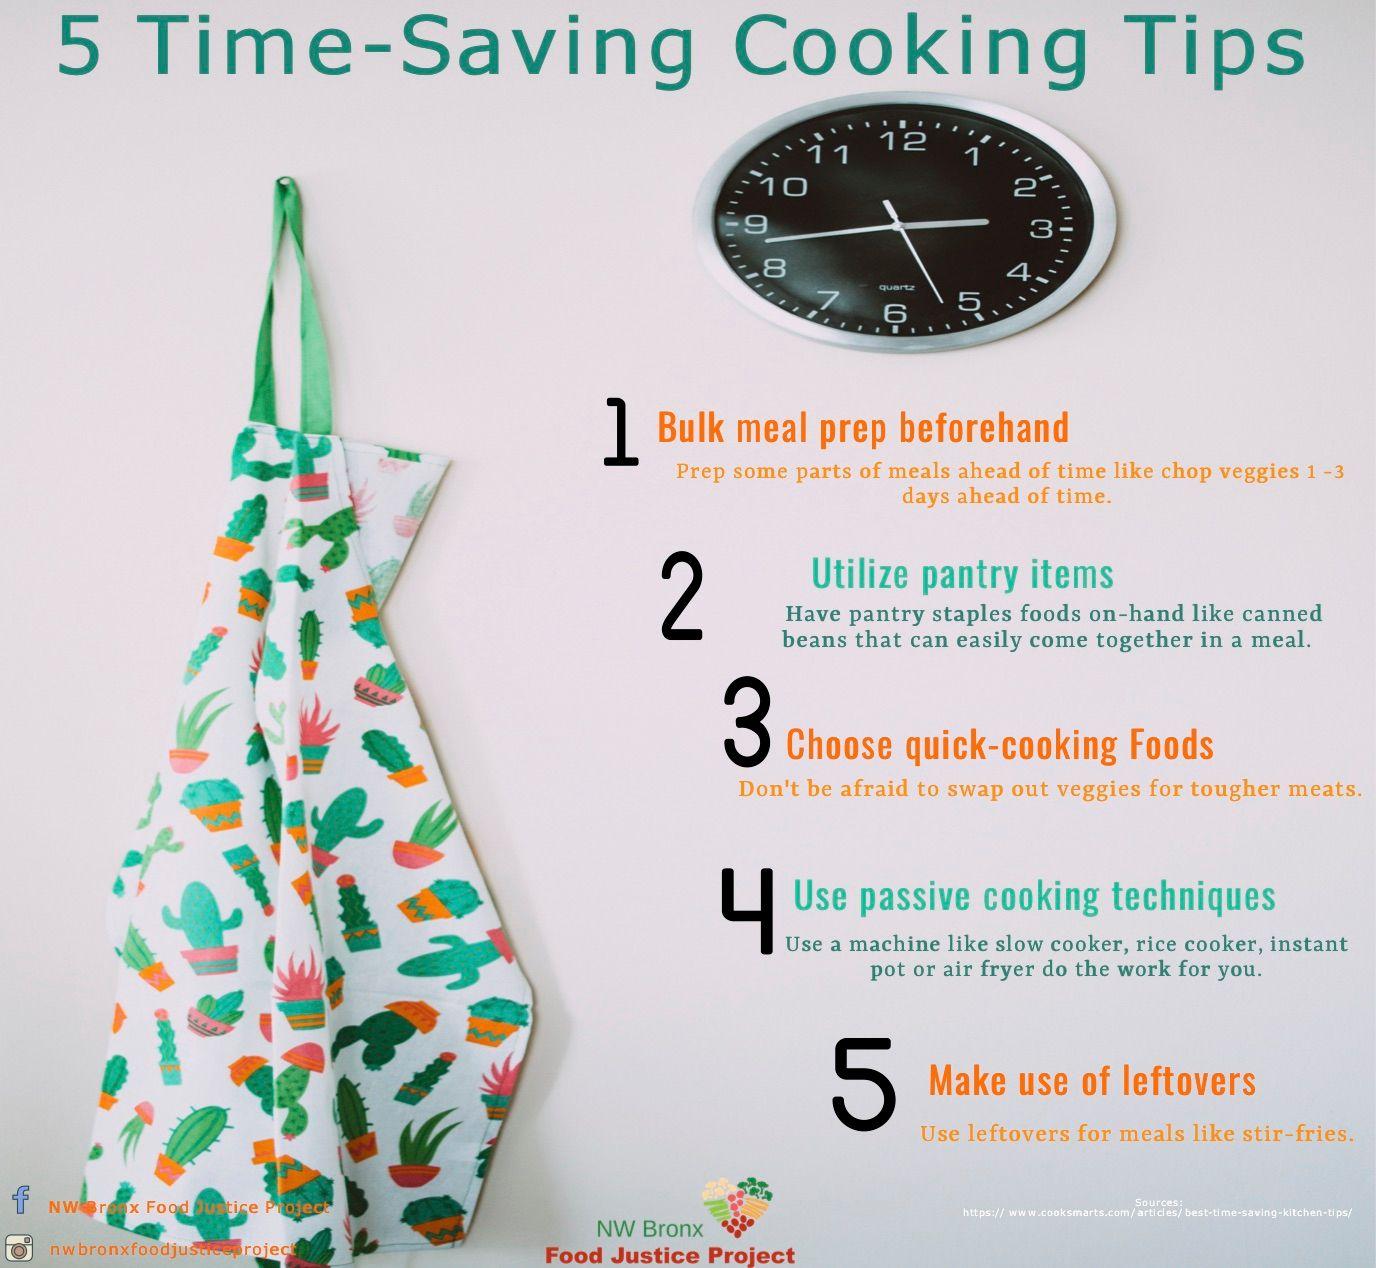 5 Time-Saving Cooking Tips